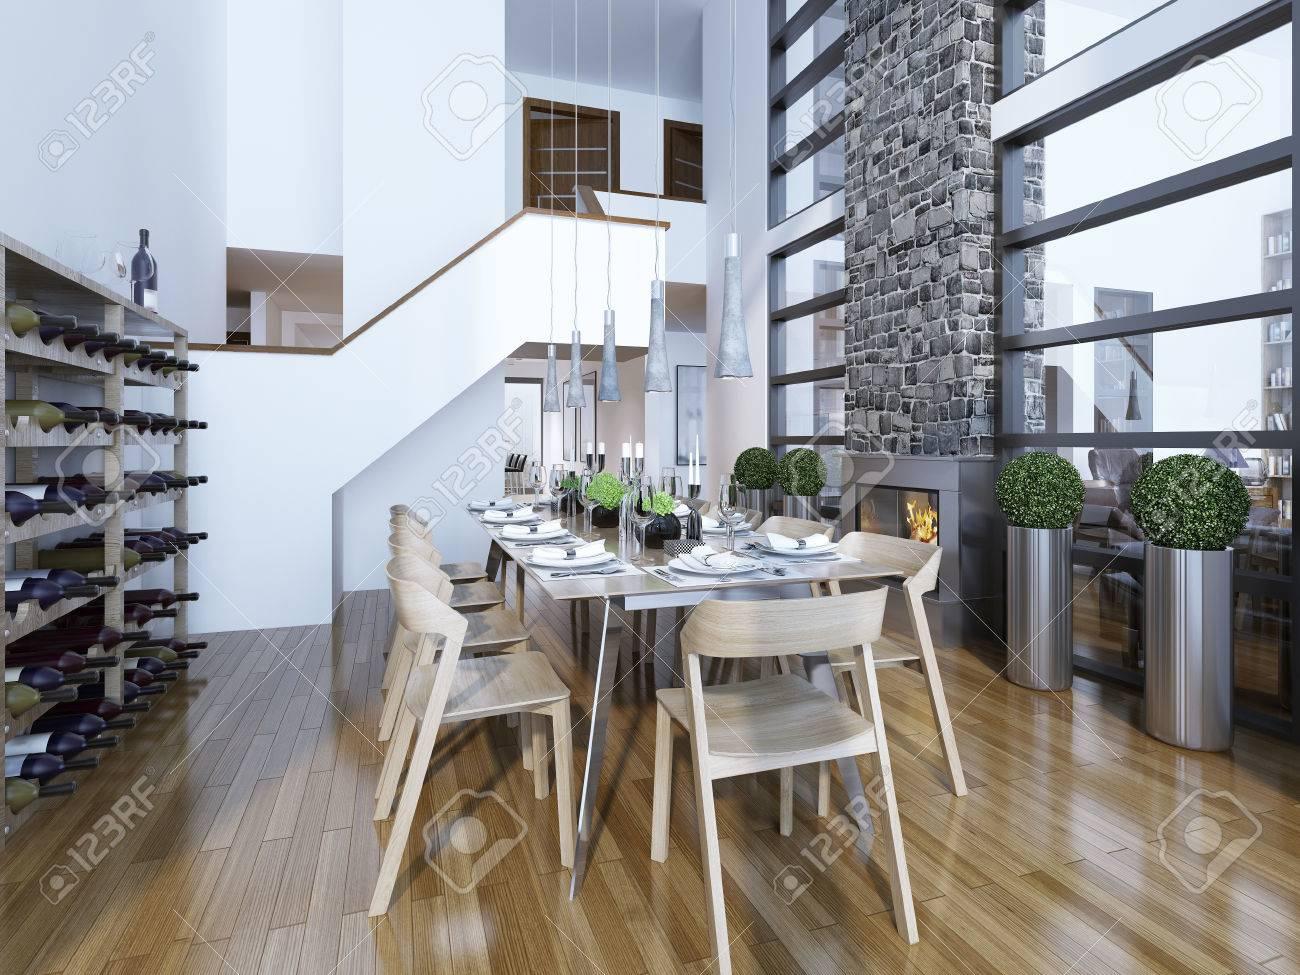 Esszimmer Modernen Stil Mit Kamin Und Heimweinregal. Serviert Mit Einem  Hellen Holztisch Für 10 Personen